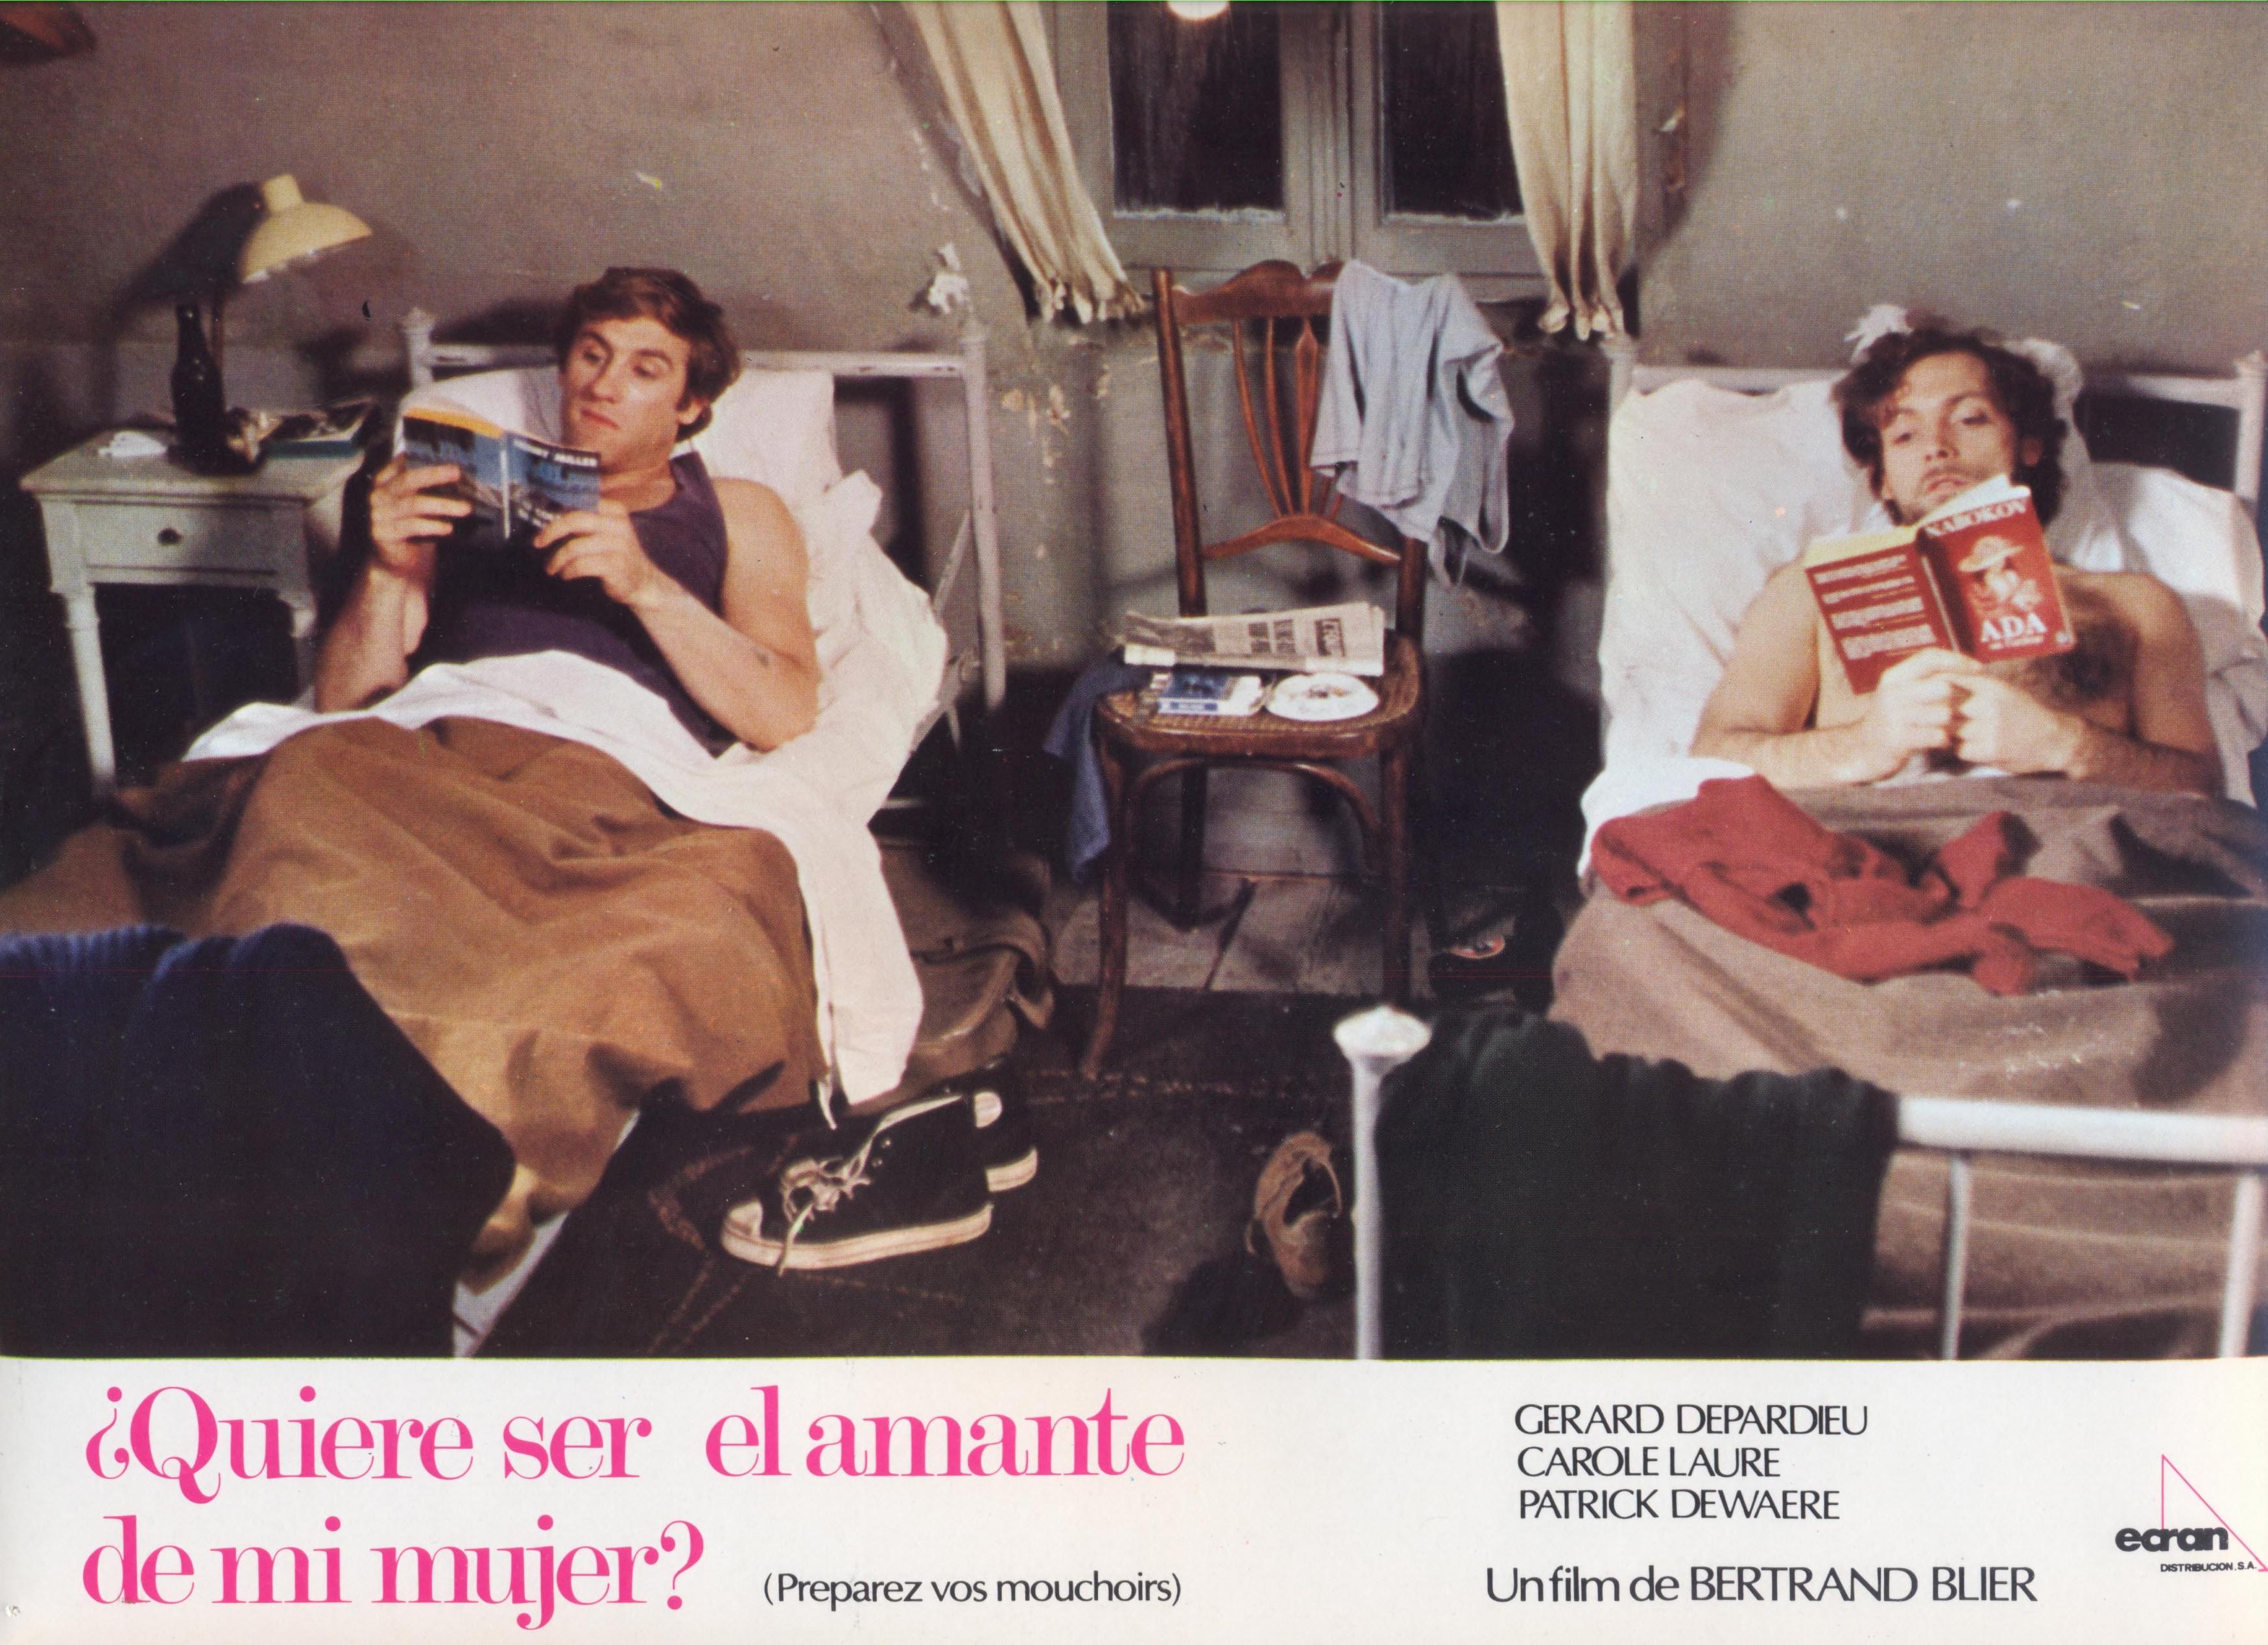 preparez vos mouchoirs Picture 16 of 54